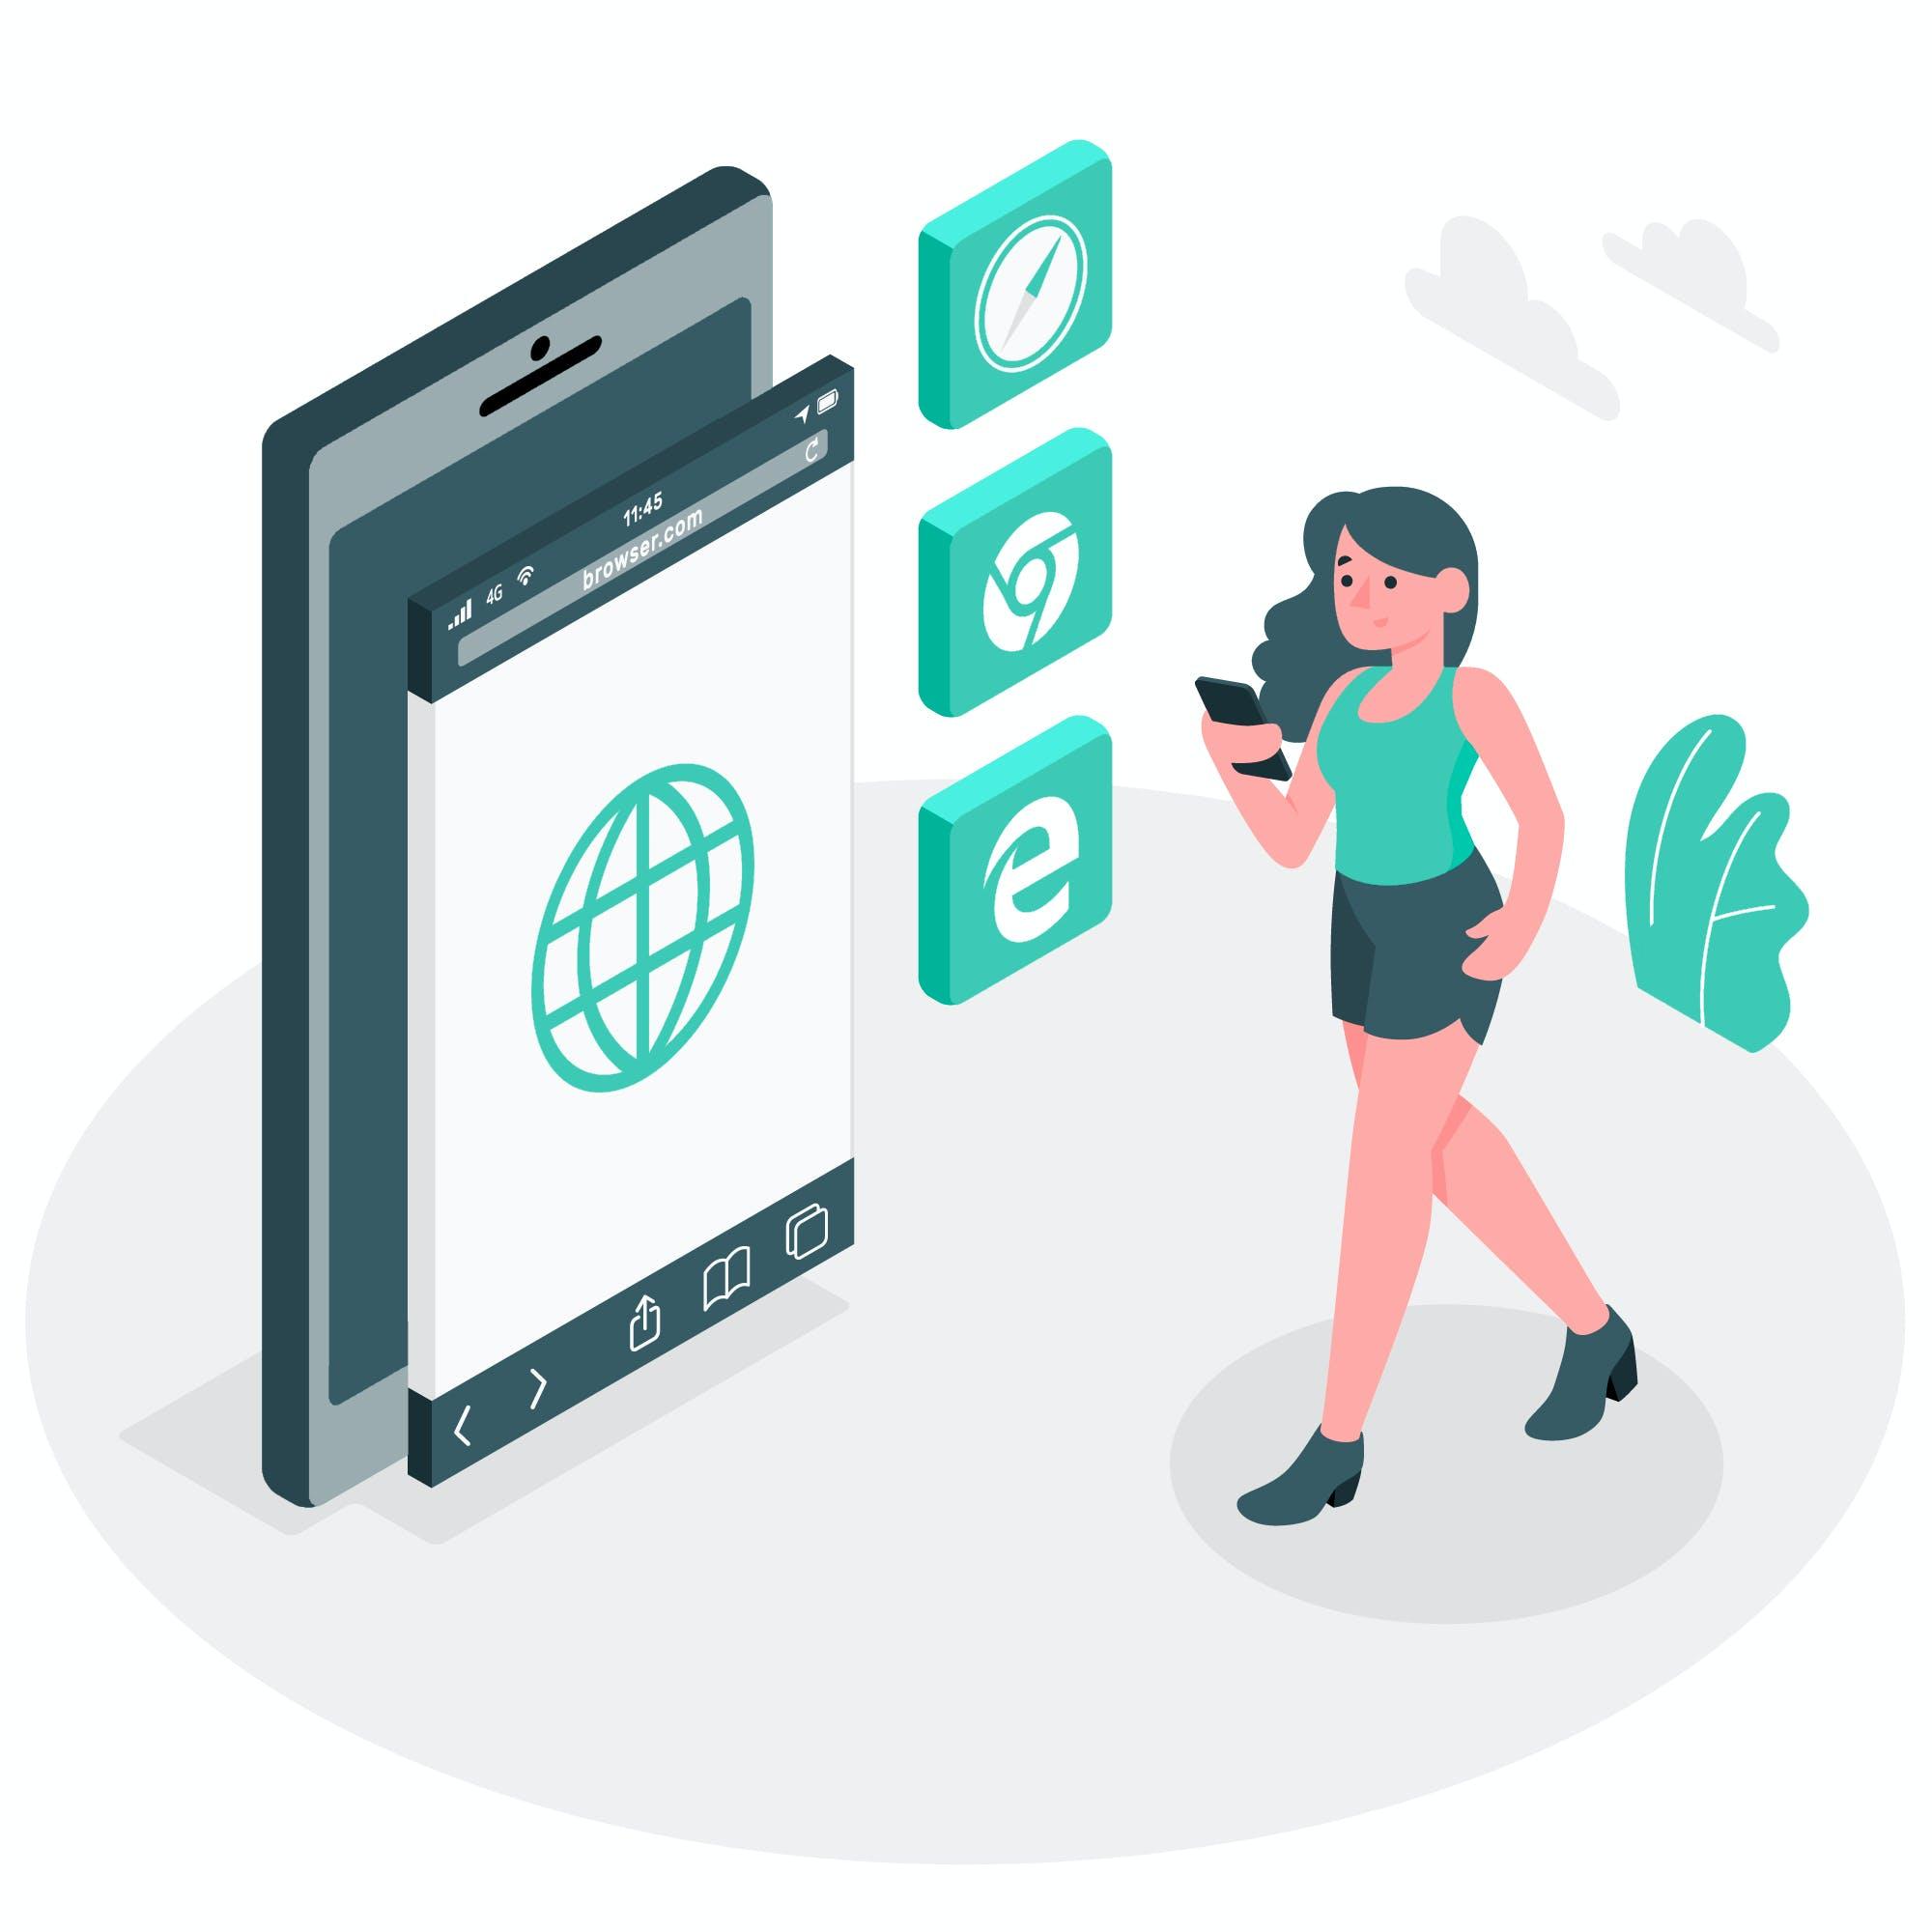 Suchmaschinen Nutzung, mitterweile vor allem auf mobilen Geräten.